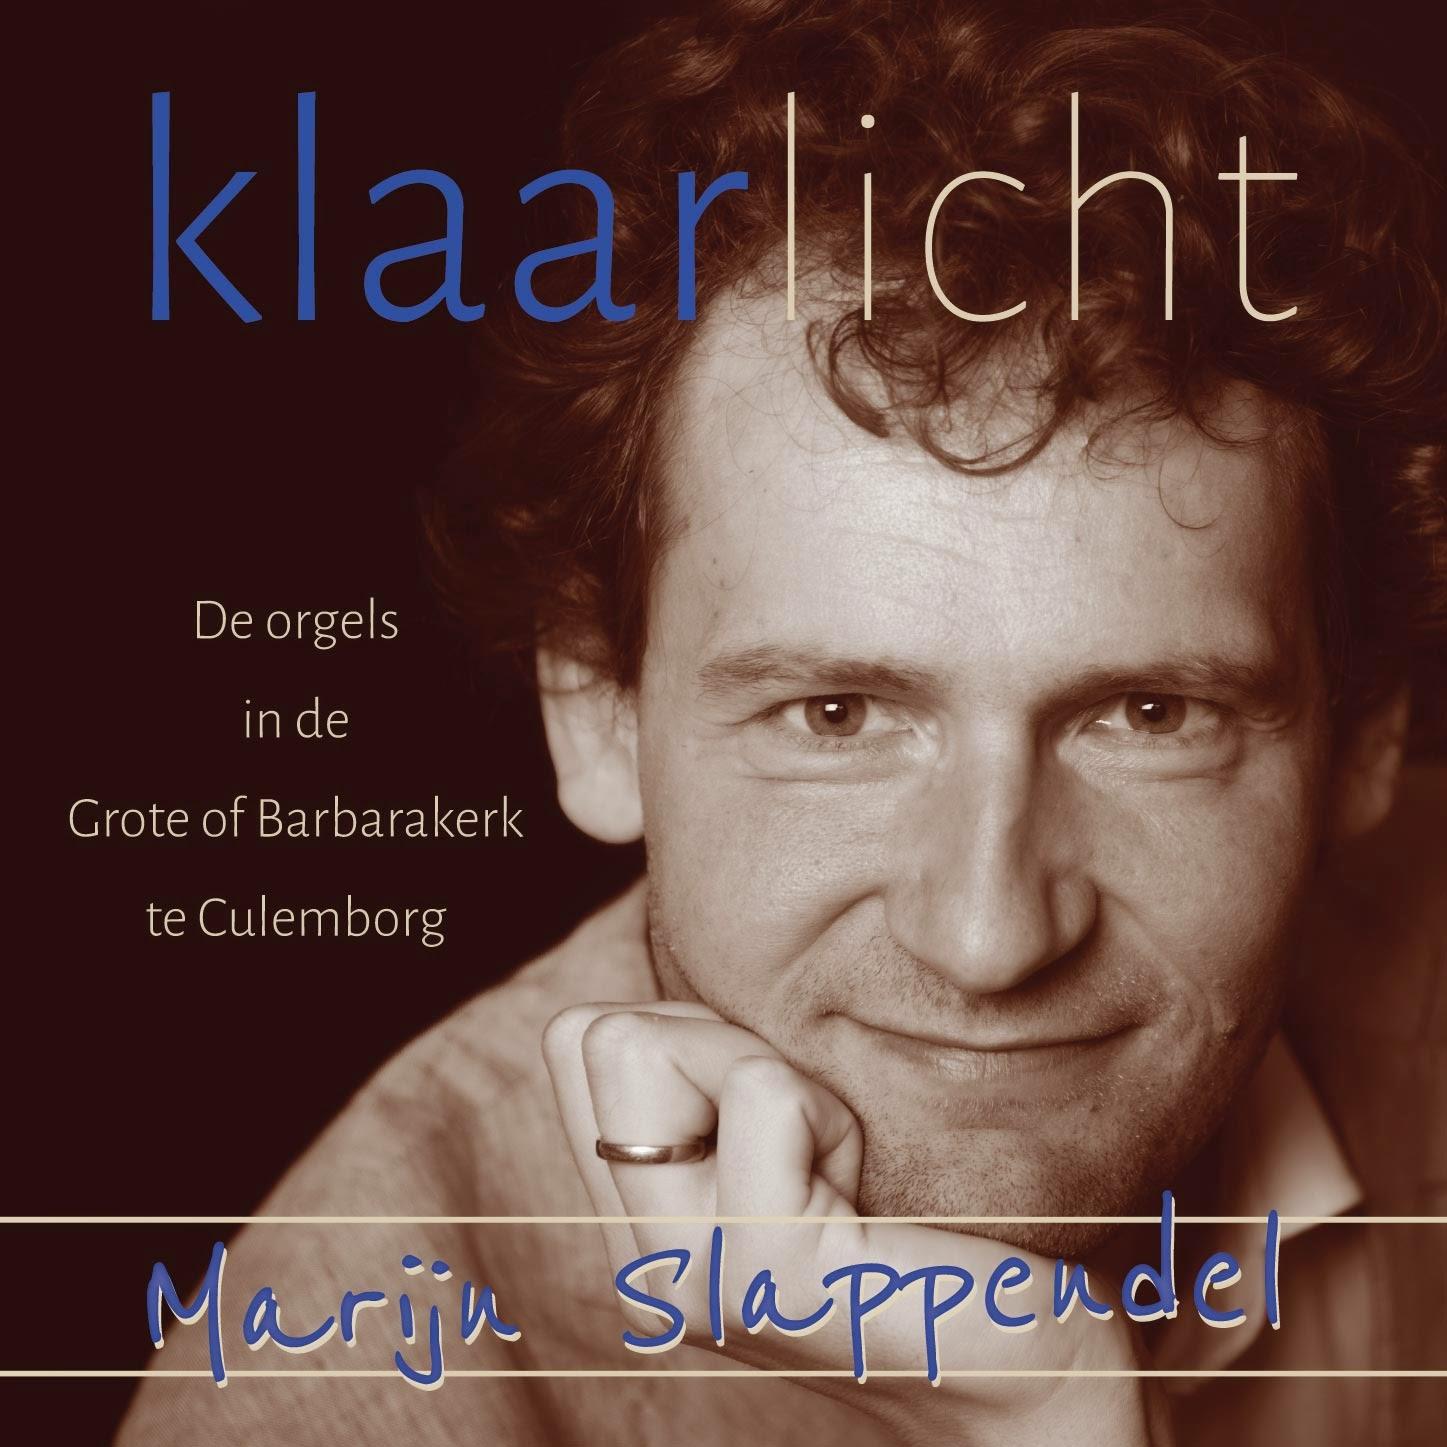 Photo: Cover van de eerste CD van Marijn Slappendel, cantor-organist van de Barbara Wijkgemeente te Culemborg.